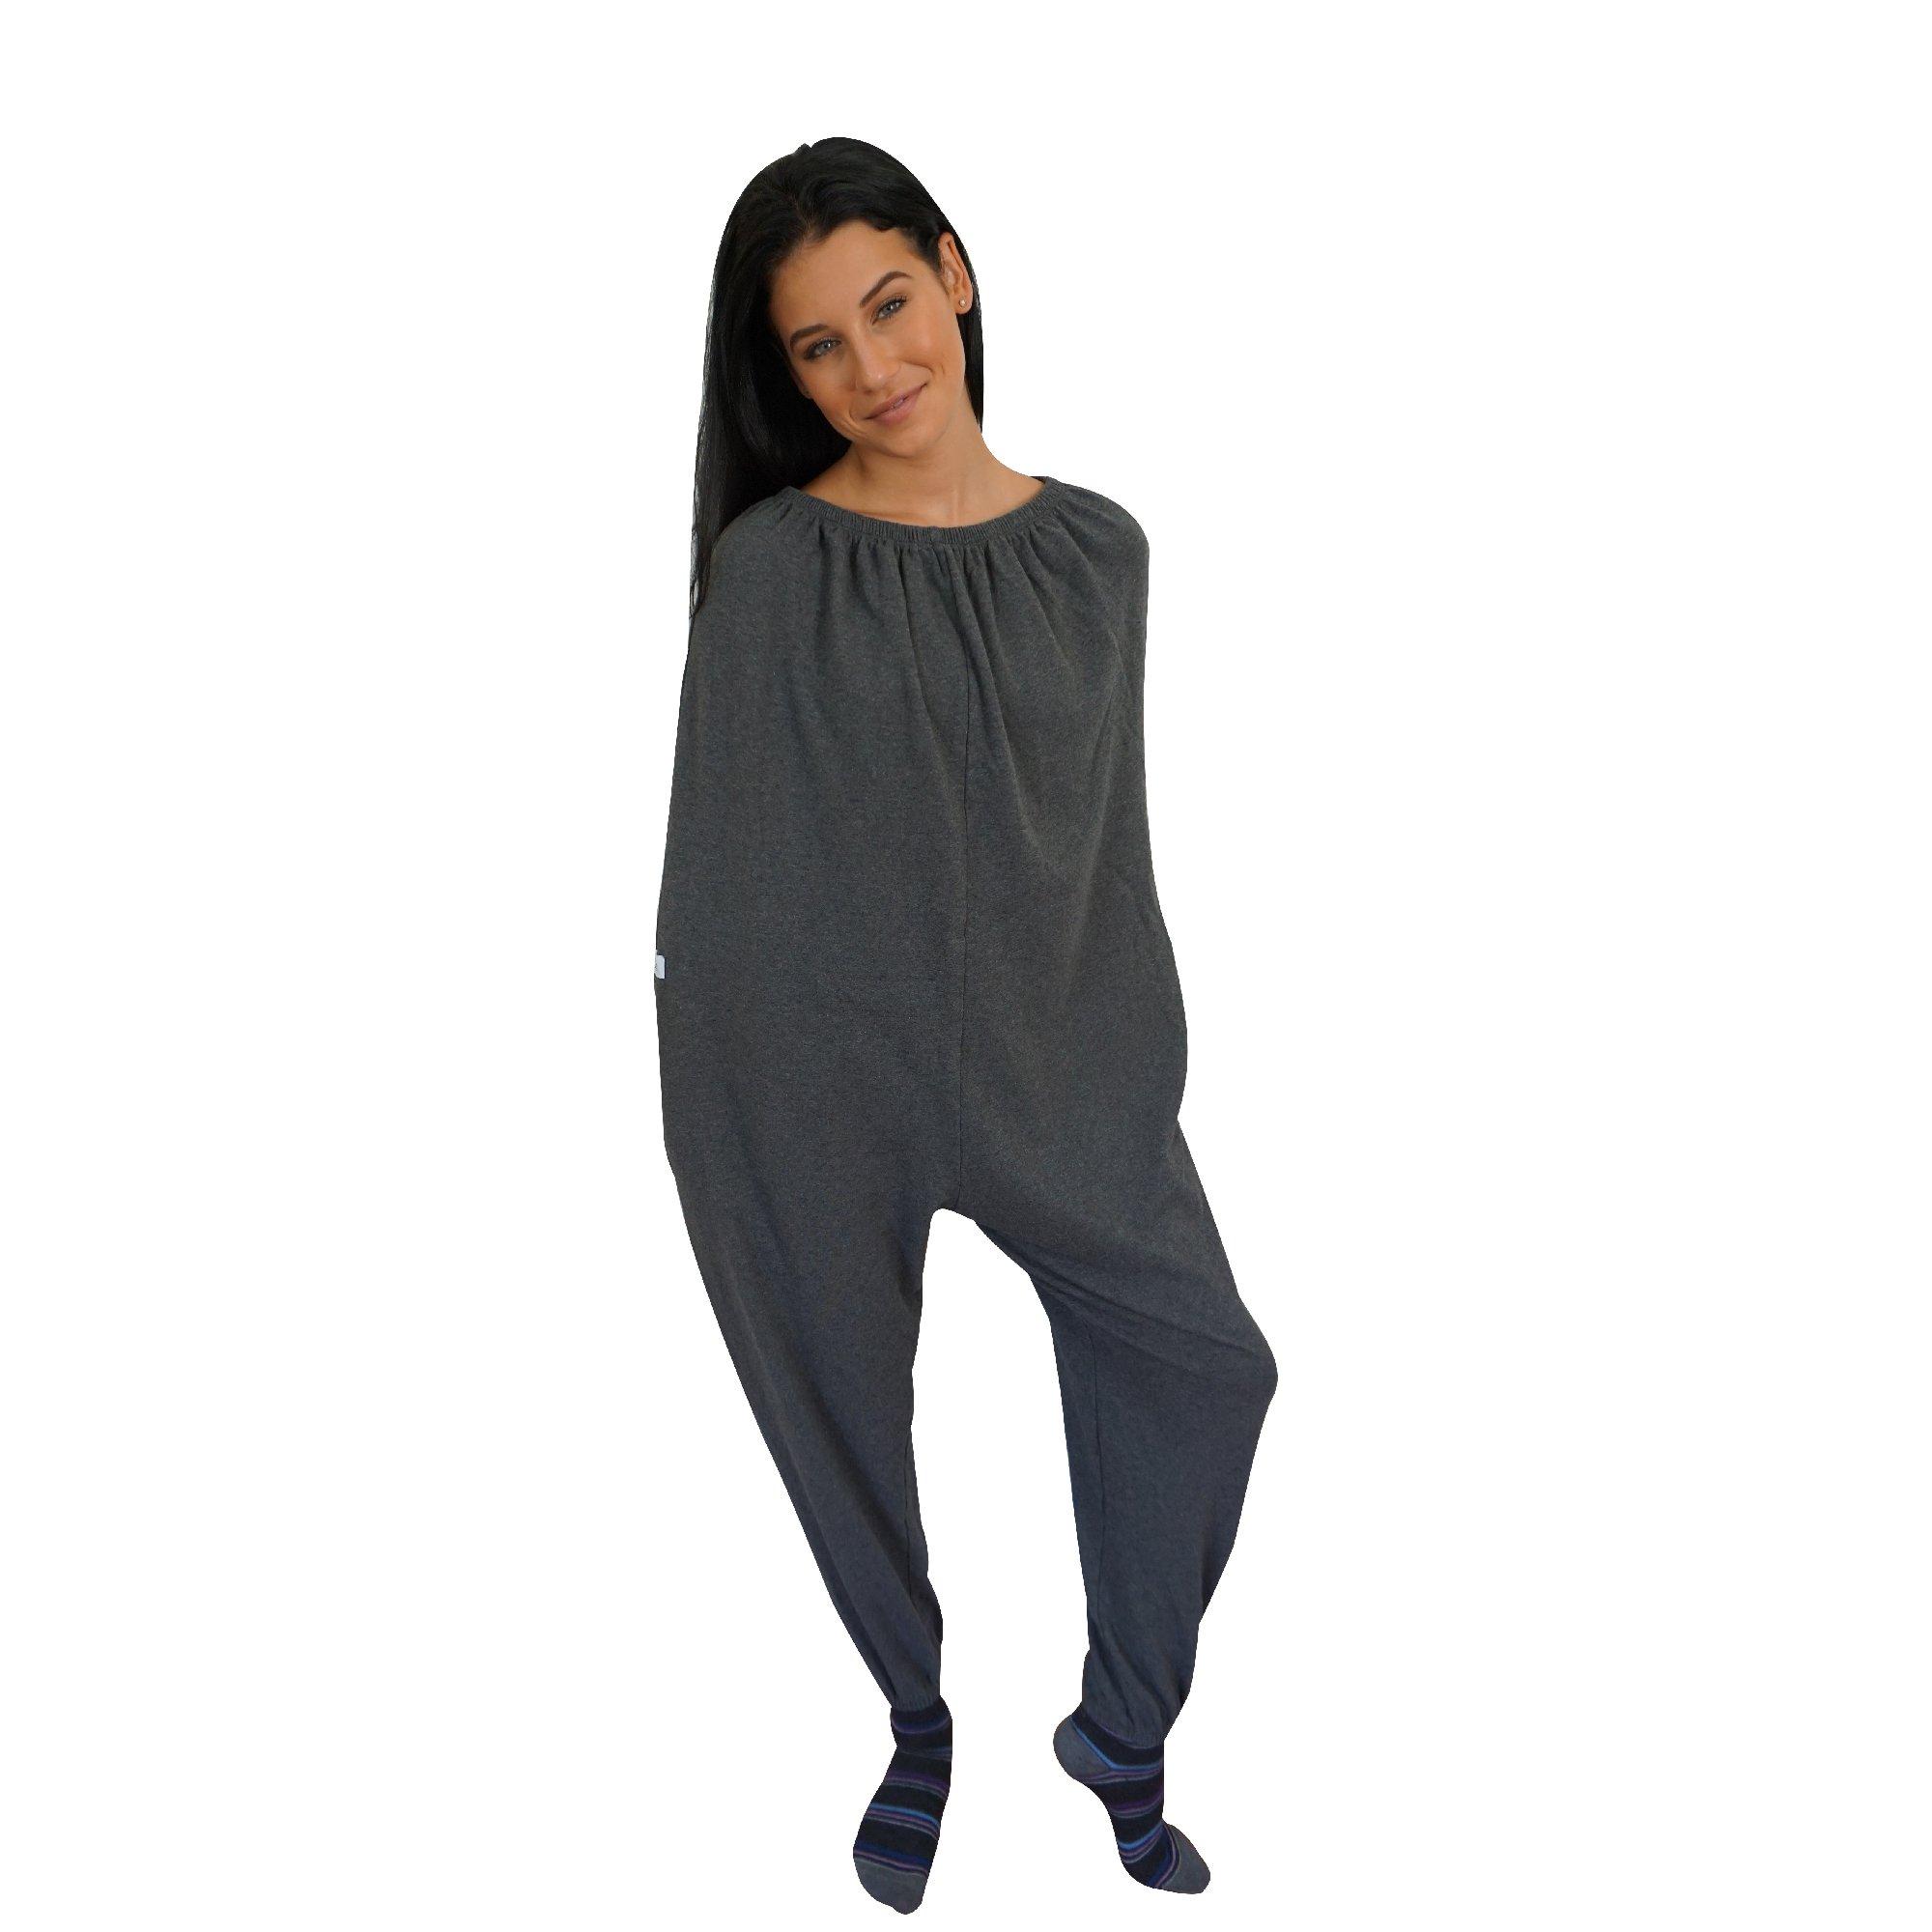 Cocoonsie Wearable Blanket (Medium, Charcoal)